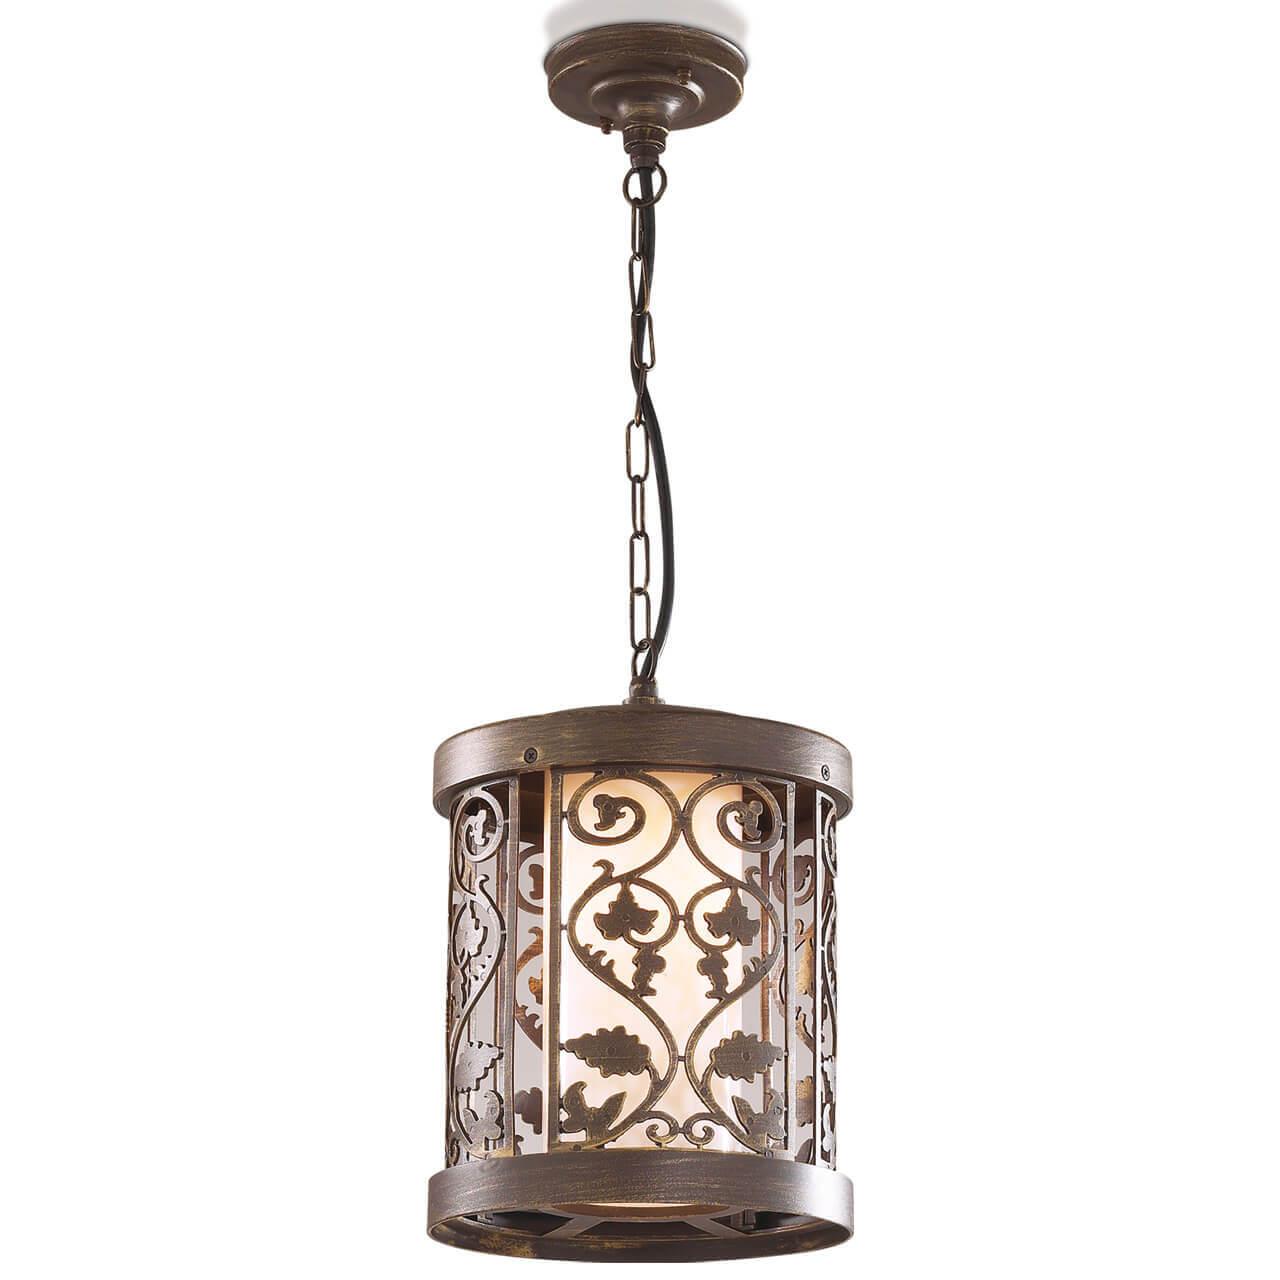 Уличный подвесной светильник Odeon Light Kordi 2286/1 все цены